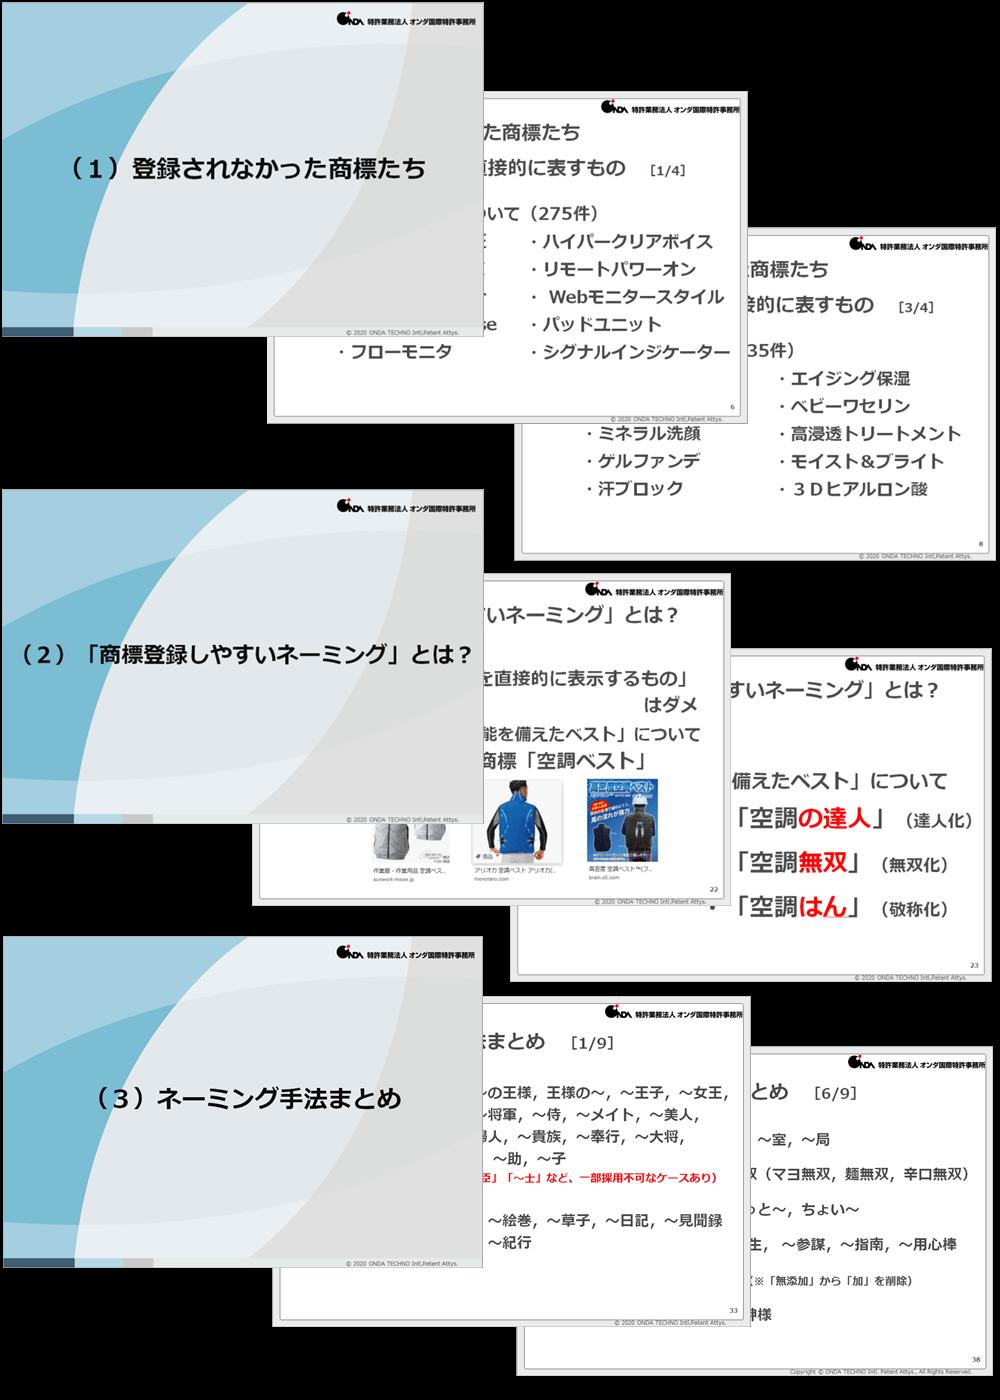 セミナー資料